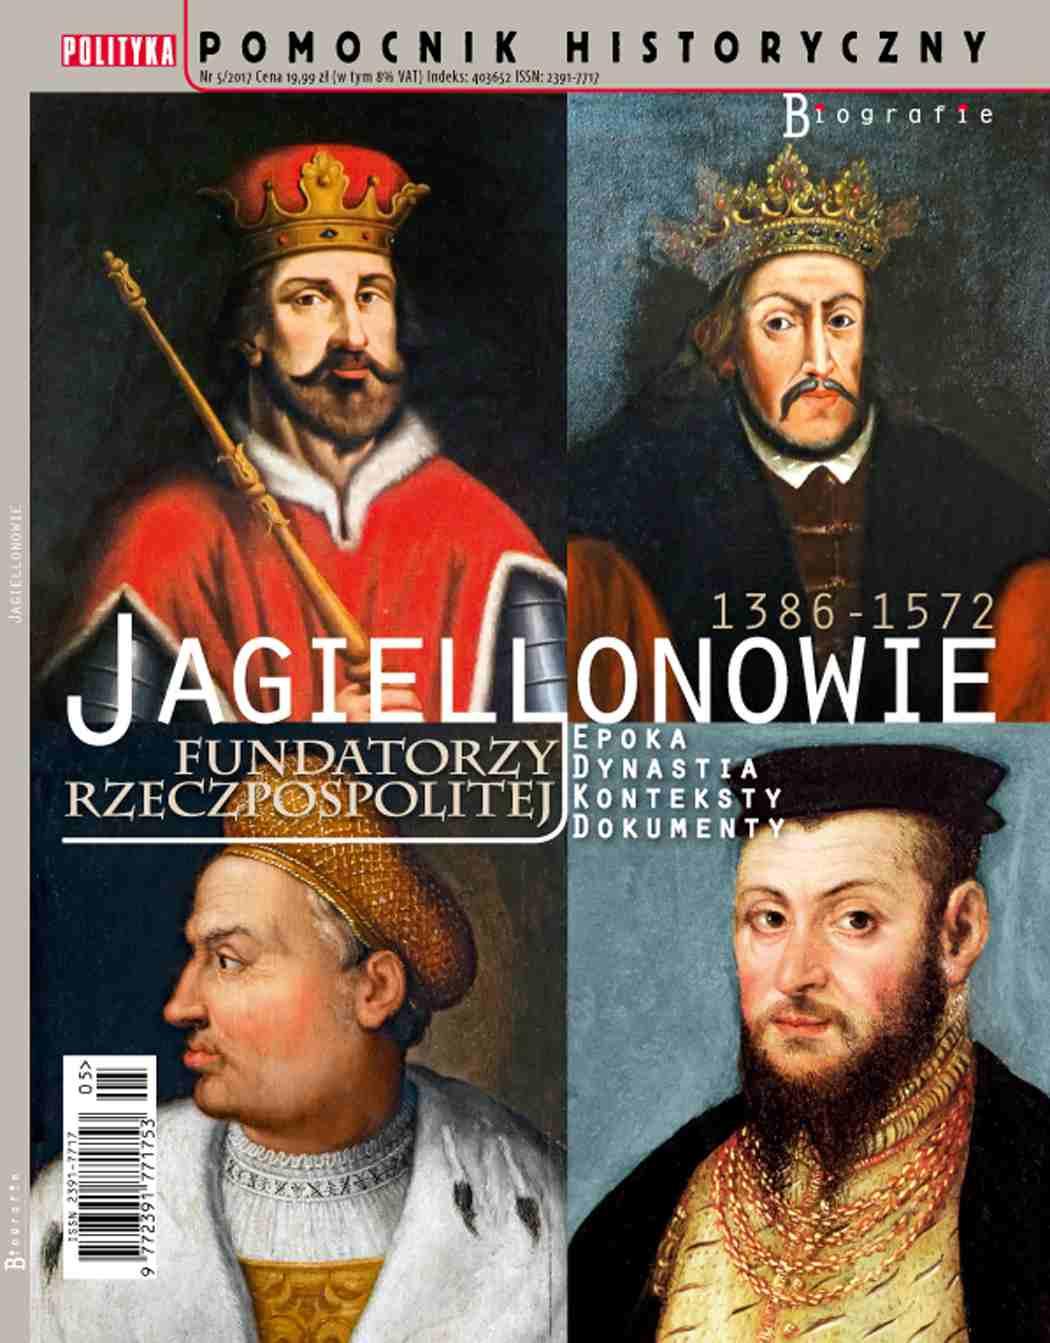 Pomocnik Historyczny. Jagiellonowie - Ebook (Książka PDF) do pobrania w formacie PDF